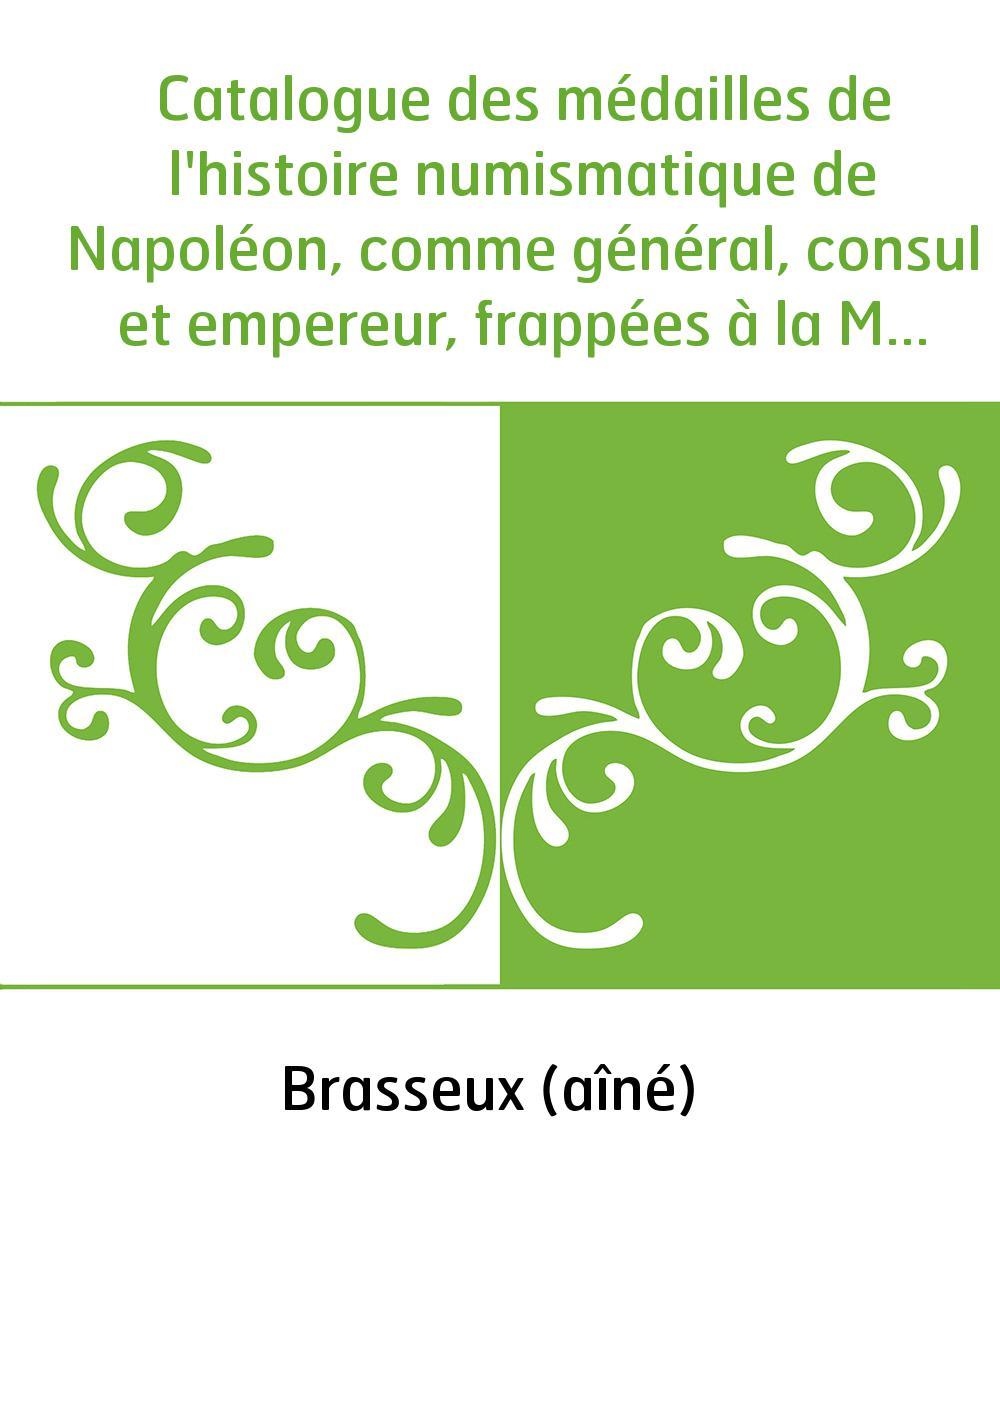 Catalogue des médailles de l'histoire numismatique de Napoléon, comme général, consul et empereur, frappées à la Monnaie de Pari